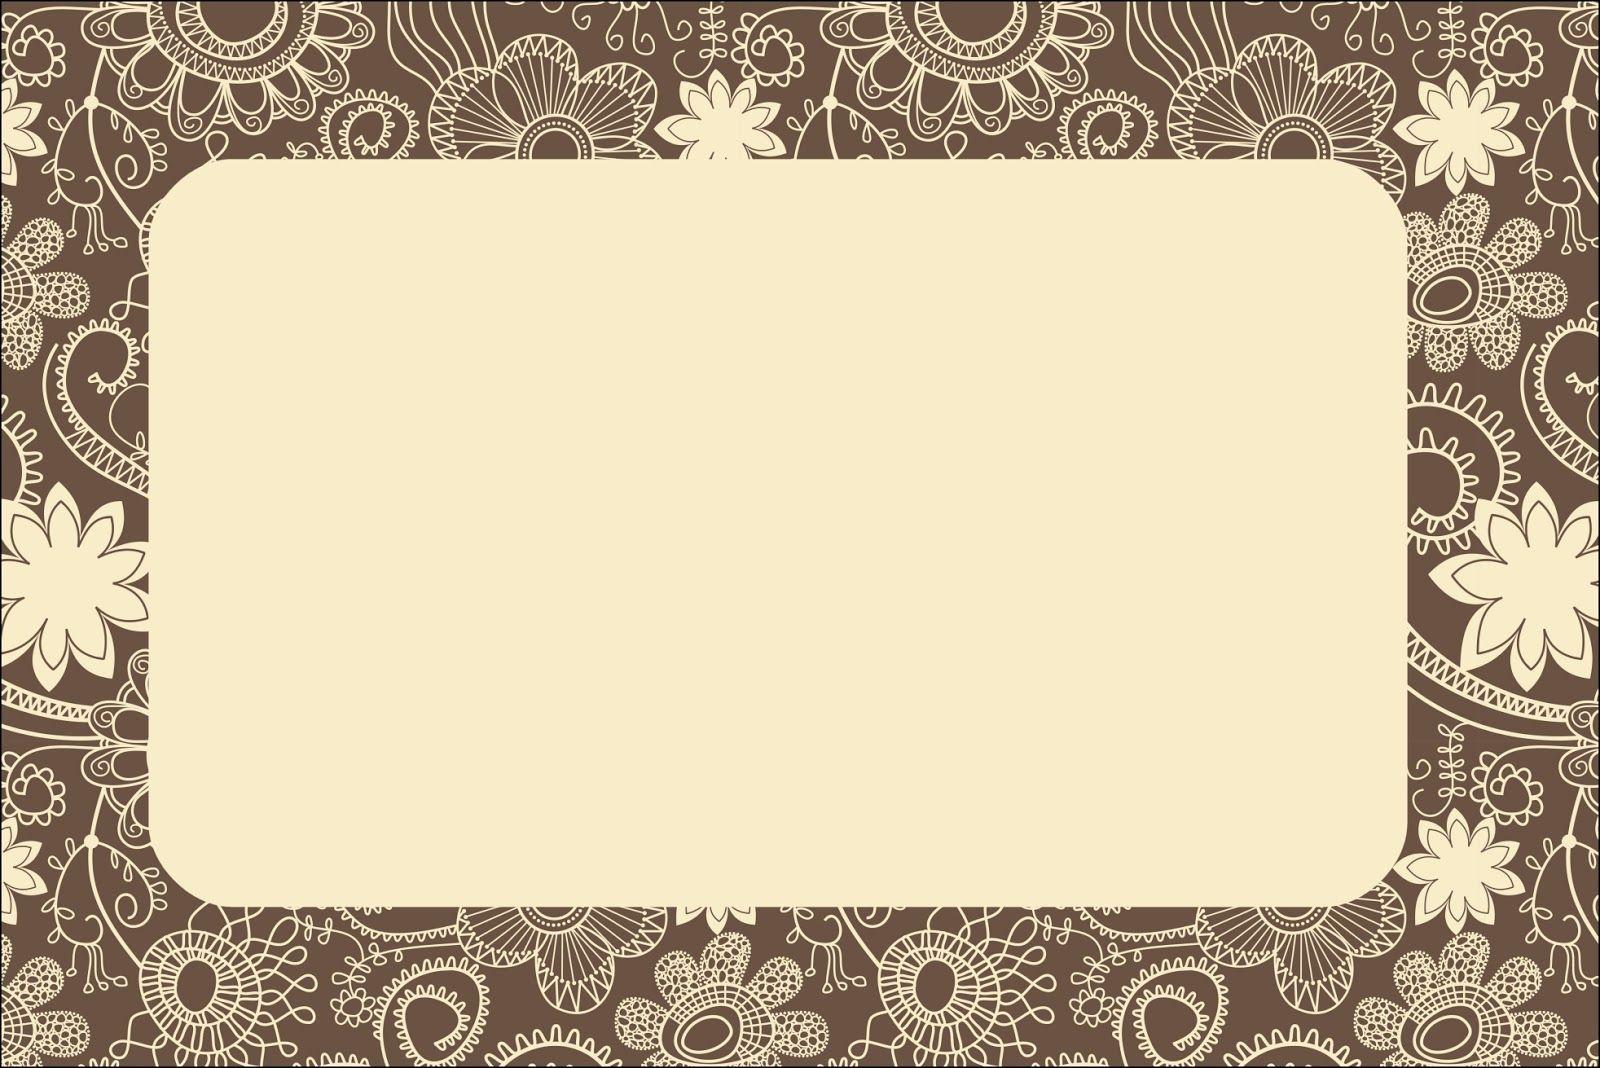 Tarjetas De Cumpleanos 60 Anos Para Imprimir Para Mandar Por Mensaje - Para-hacer-invitaciones-de-cumpleaos